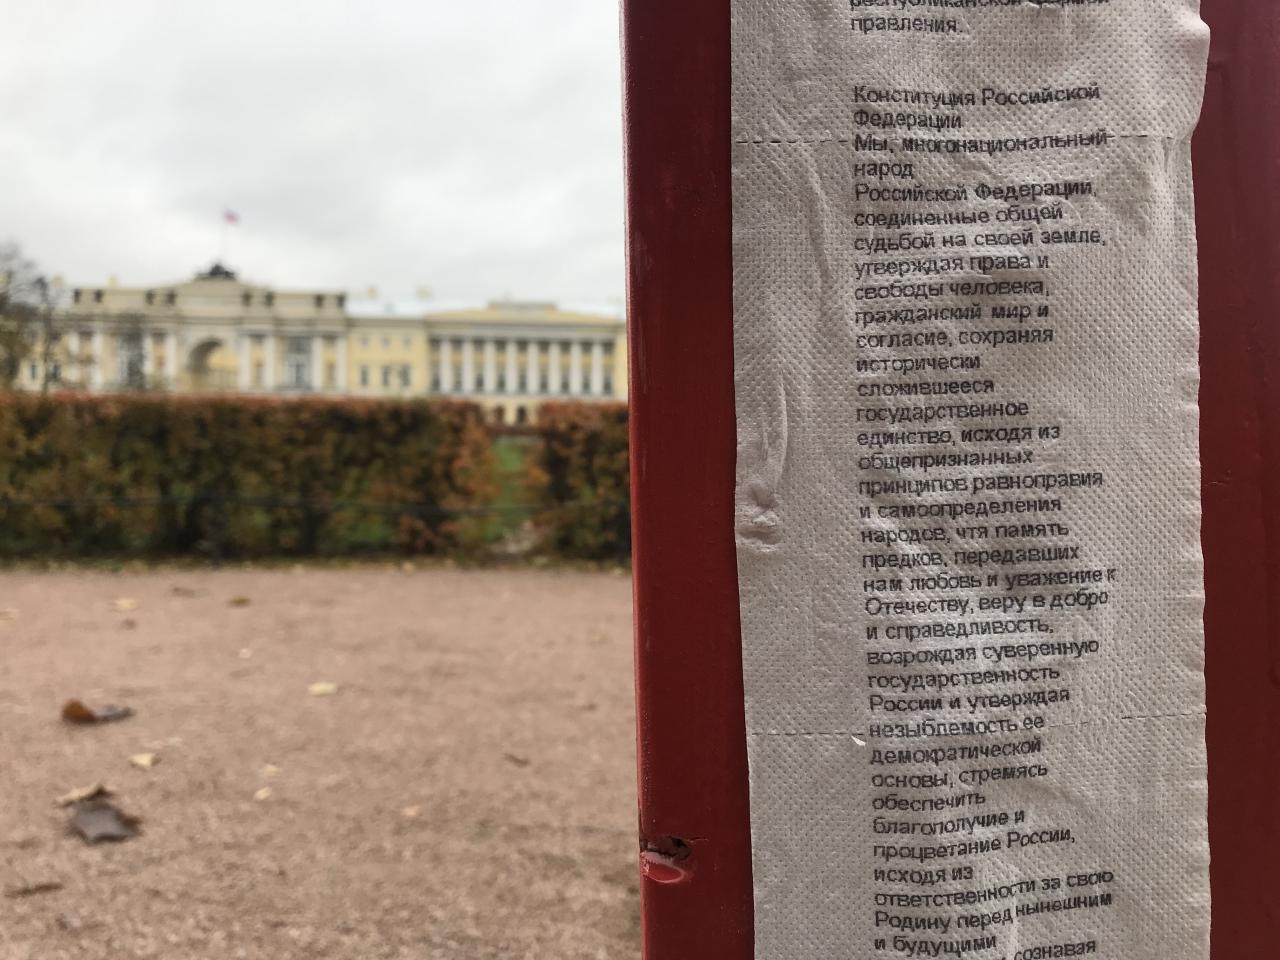 Интересный арт-объект был установлен рядом с конституционным судом в Санкт-Петербурге